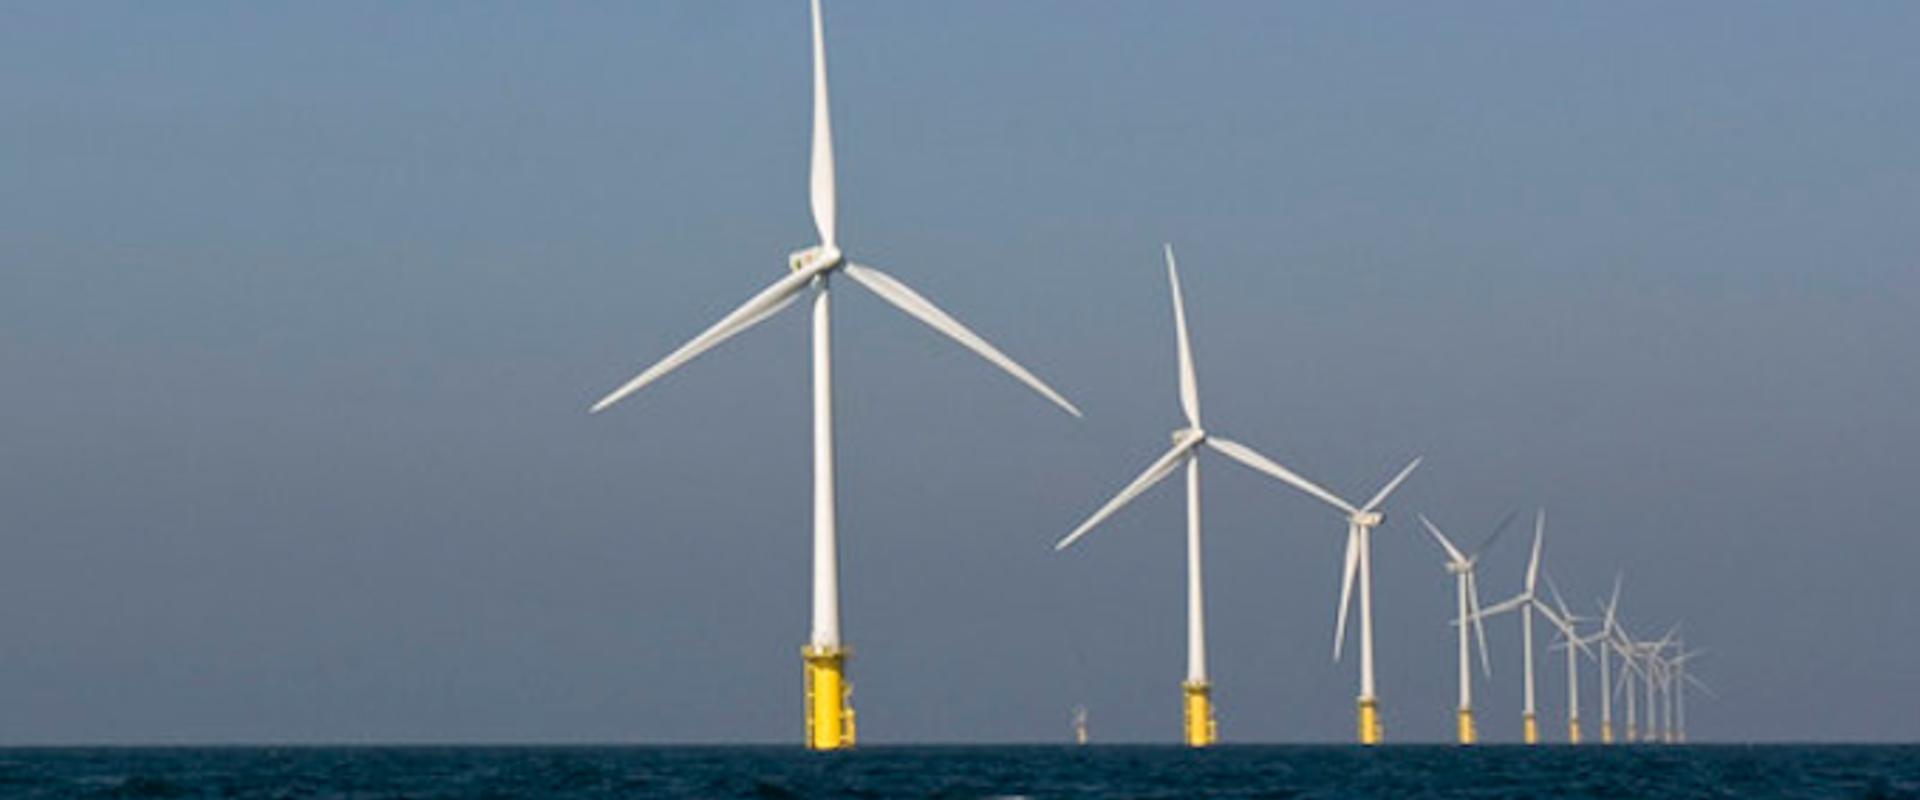 Le Think Tank North Sea commence le développement de la vision sur la Croissance bleue écologiquement durable en octobre